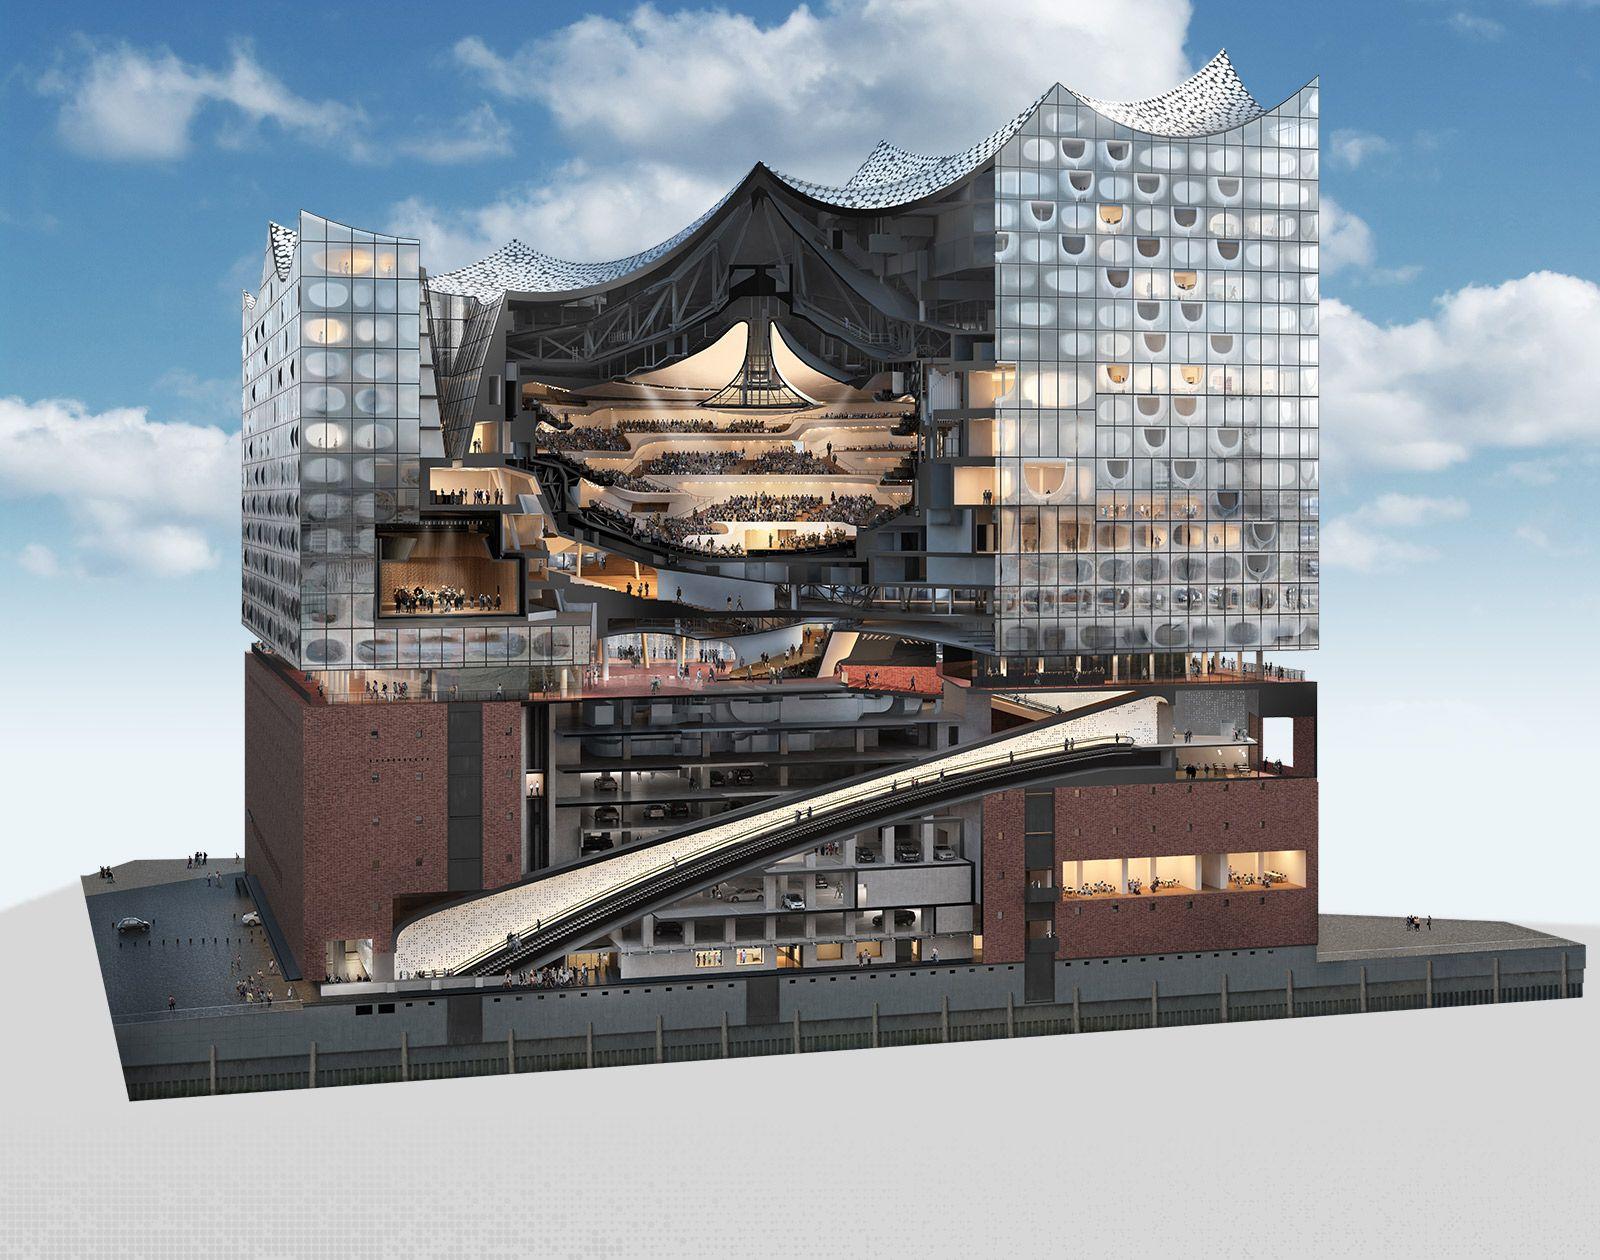 Elbphilharmonie Zokognak A Zeneszek Otthon A Varosban Tarsasblog Architekturmodell Hamburg Hausbau Ideen